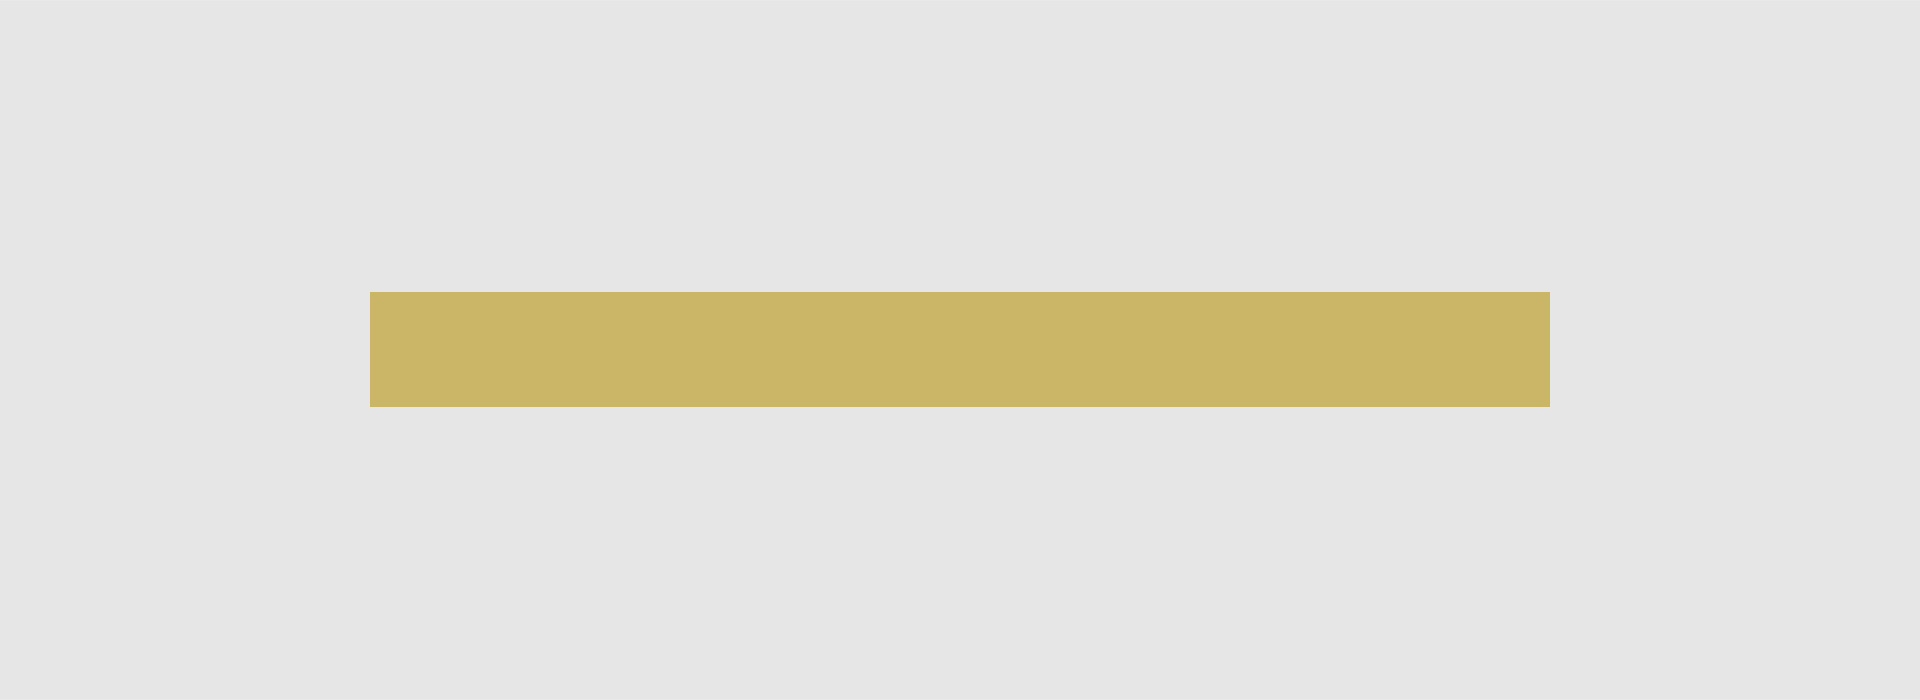 header-line-gold.png